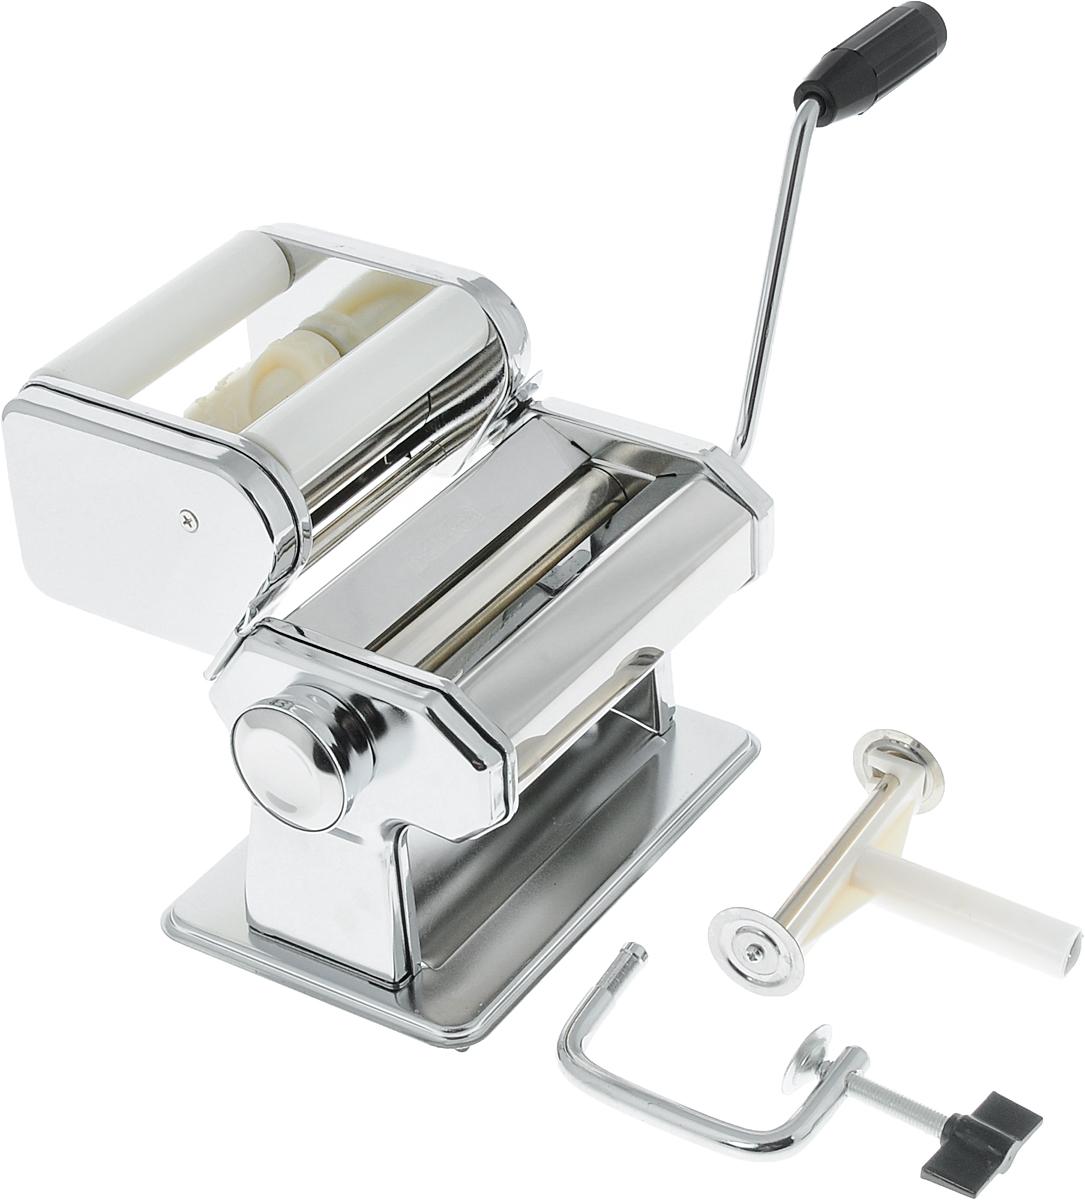 Машинка для изготовления пельменей Bekker94672Машинка для изготовления пельменей Bekker выполнена из нержавеющей стали. Машинка состоит из нескольких частей: блок для раскатки теста, регулятор толщины теста, блок для изготовления пельменей, ручка, нож для резки теста, фиксатор. С помощью такой машинки очень легко готовить пельмени: - прокатите тесто через машинку; - разделите пласт таким образом, чтобы его стороны лежали по разные стороны от валиков; равномерно распределите начинку между сторонами пласта; - поворачивайте ручку машинки, добавляя начинку по мере необходимости; - после того, как весь пласт пройдет через валки, положите его на сухое полотенце и разделите на пельмени.Теперь приготовление пельменей займет у вас намного меньше времени и станет приятным домашним занятием, а ваши кулинарные шедевры, приготовленные с помощью такого прибора, обязательно оценят по достоинству.